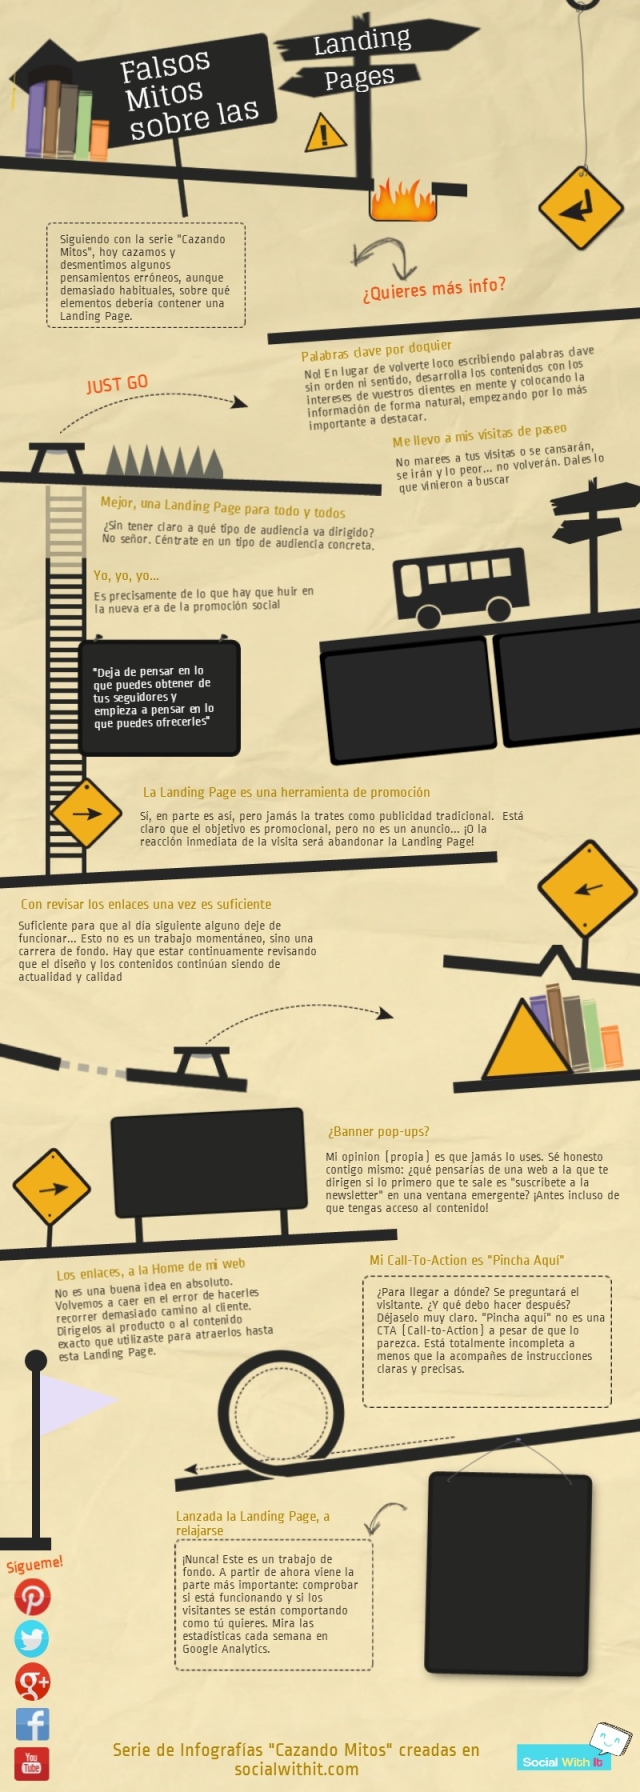 10 falsos mitos sobre las Landing Pages